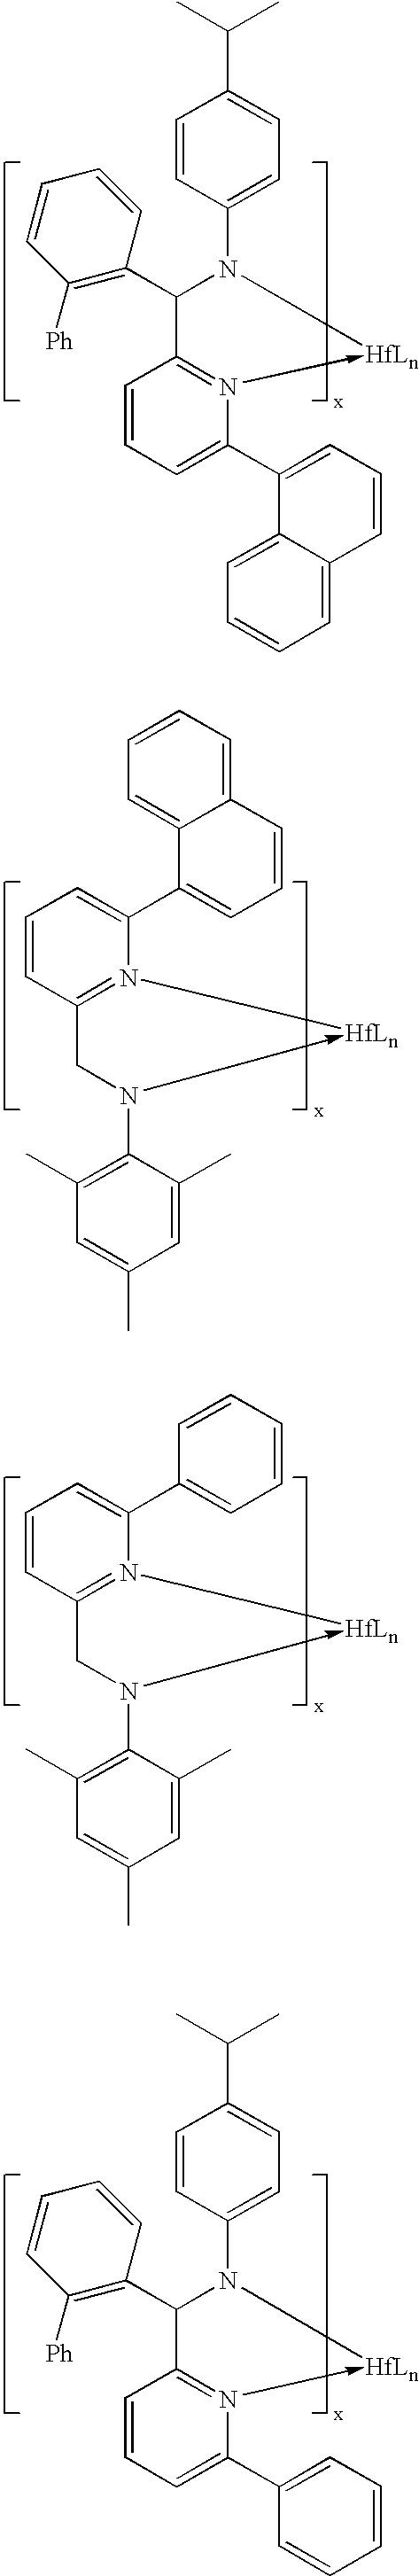 Figure US06919407-20050719-C00014